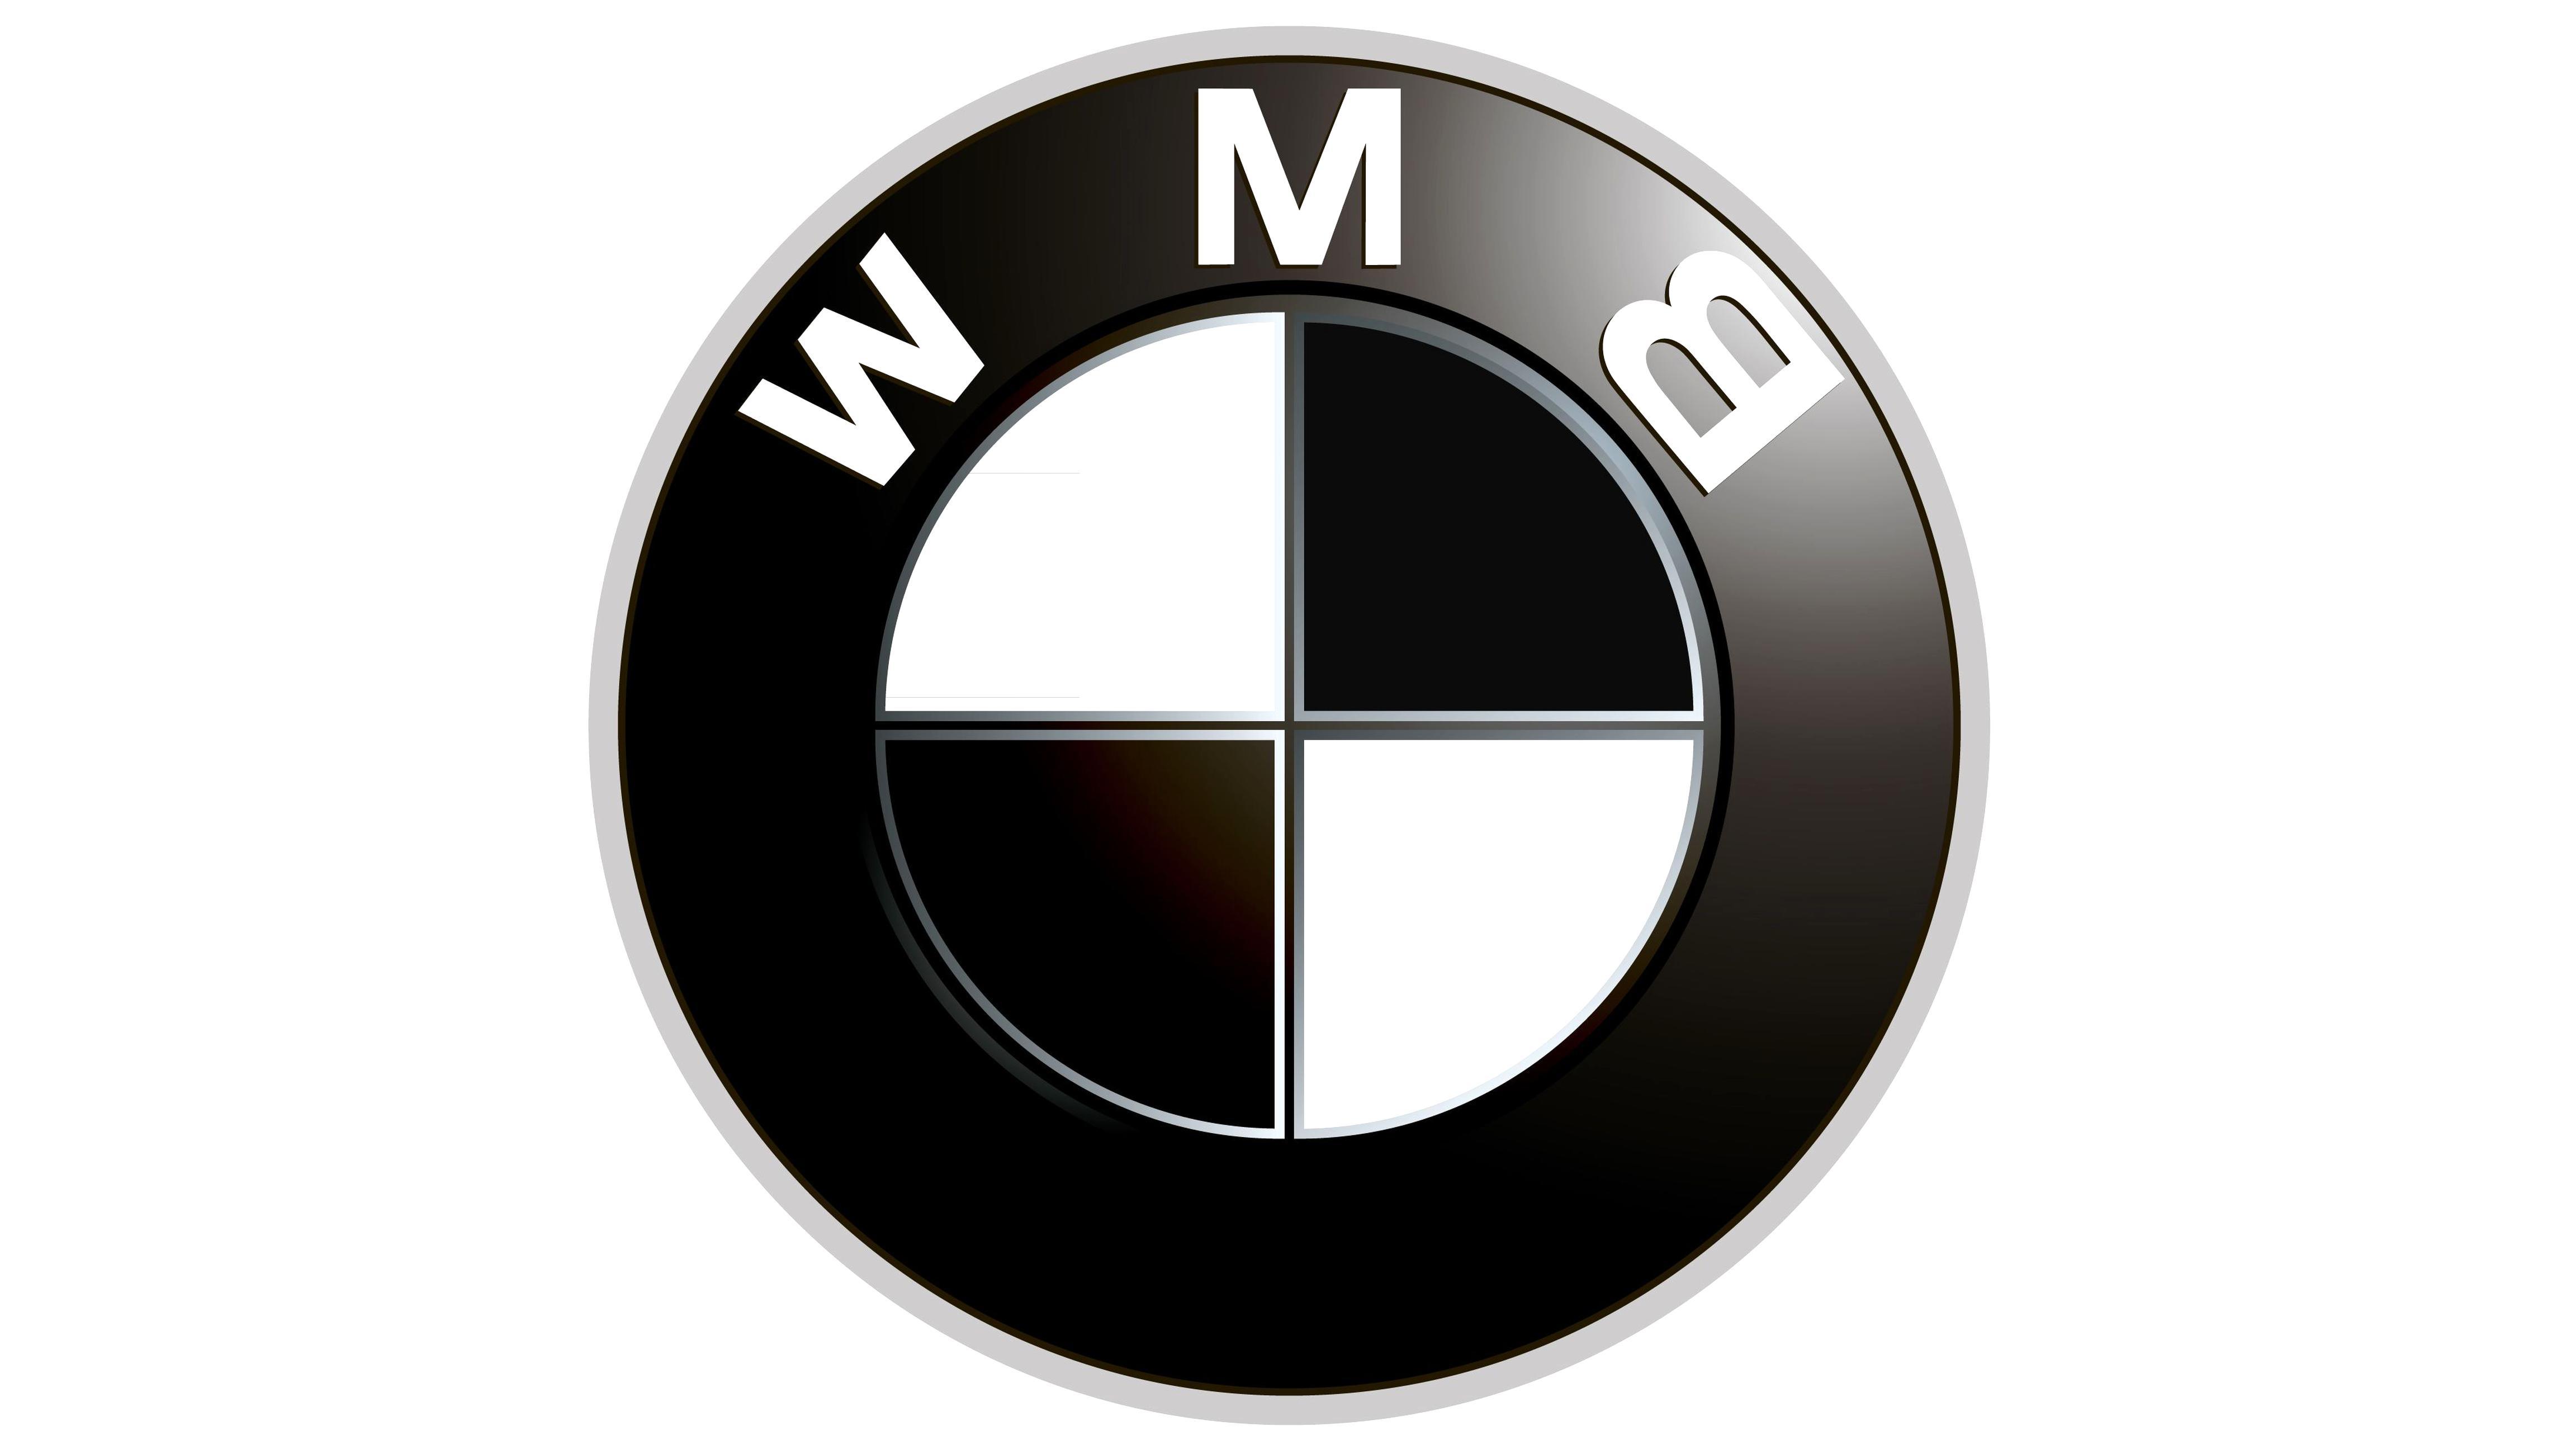 emblem schwarz gebraucht kaufen